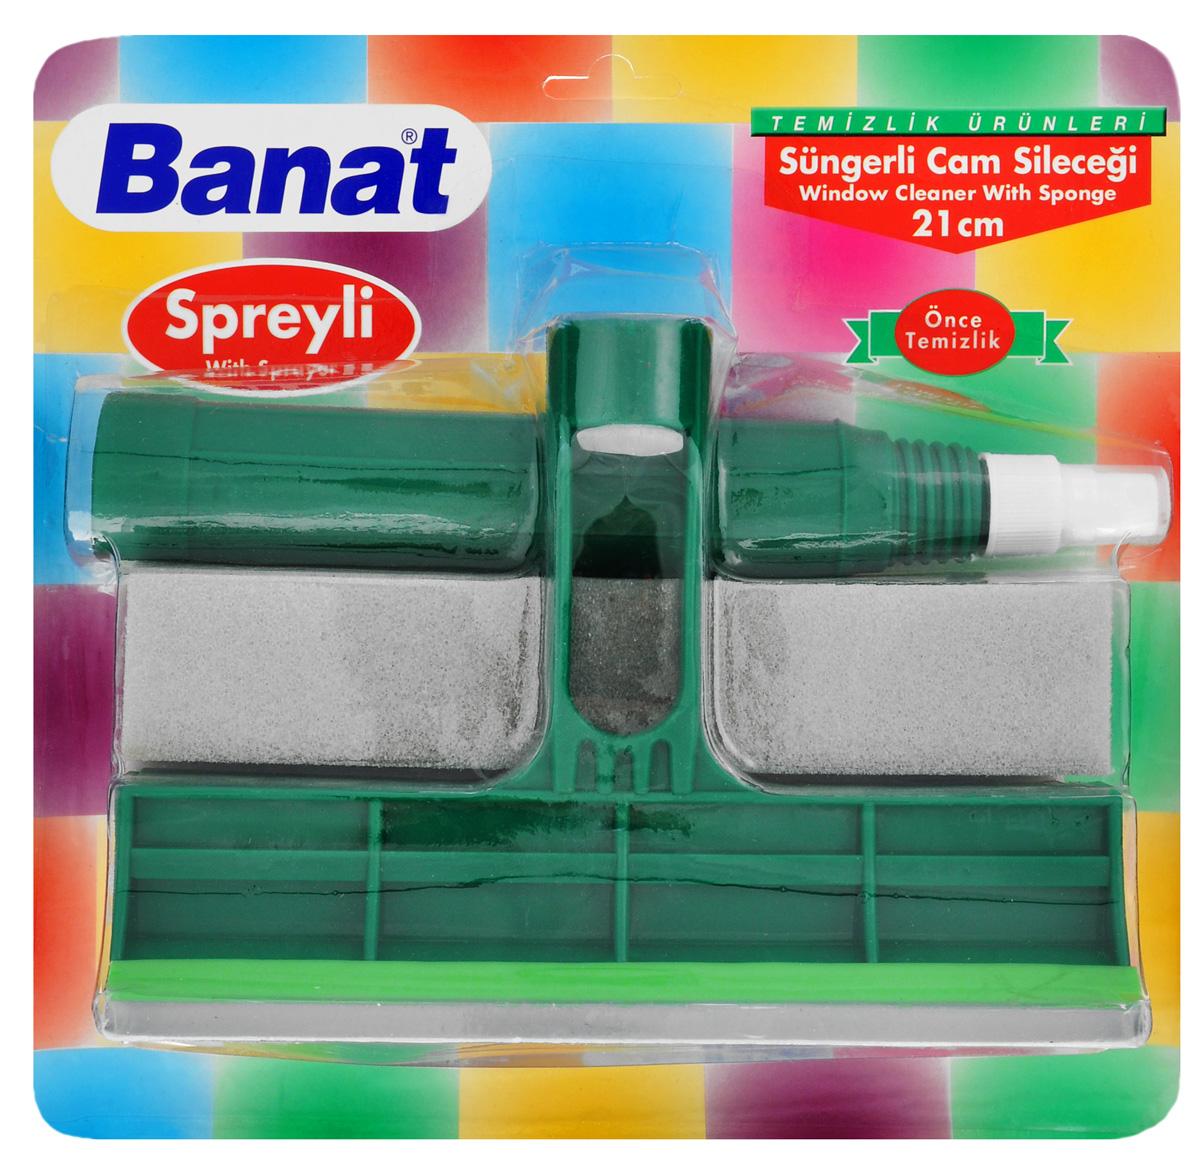 Окномойка Banat, со спреем, цвет: зеленый, ширина 21 см860055Окномойка Banat - очень удобный и практичный аксессуар для любой хозяйки. Изделие снабжено уникальной специальной рукояткой-емкостью с распылителем. В емкость-рукоятку можно налить моющее средство, распылить на поверхность стекла, убрать загрязнения губкой, излишки воды убрать резиновым сгоном. Быстро и компактно. При истирании или повреждении губки заменить сменной. Сменная губка входит в комплект. Размер окномойки (без учета губки): 14,3 х 21 х 5 см. Длина рукоятки: 23 см. Длина губки: 20,5 см.